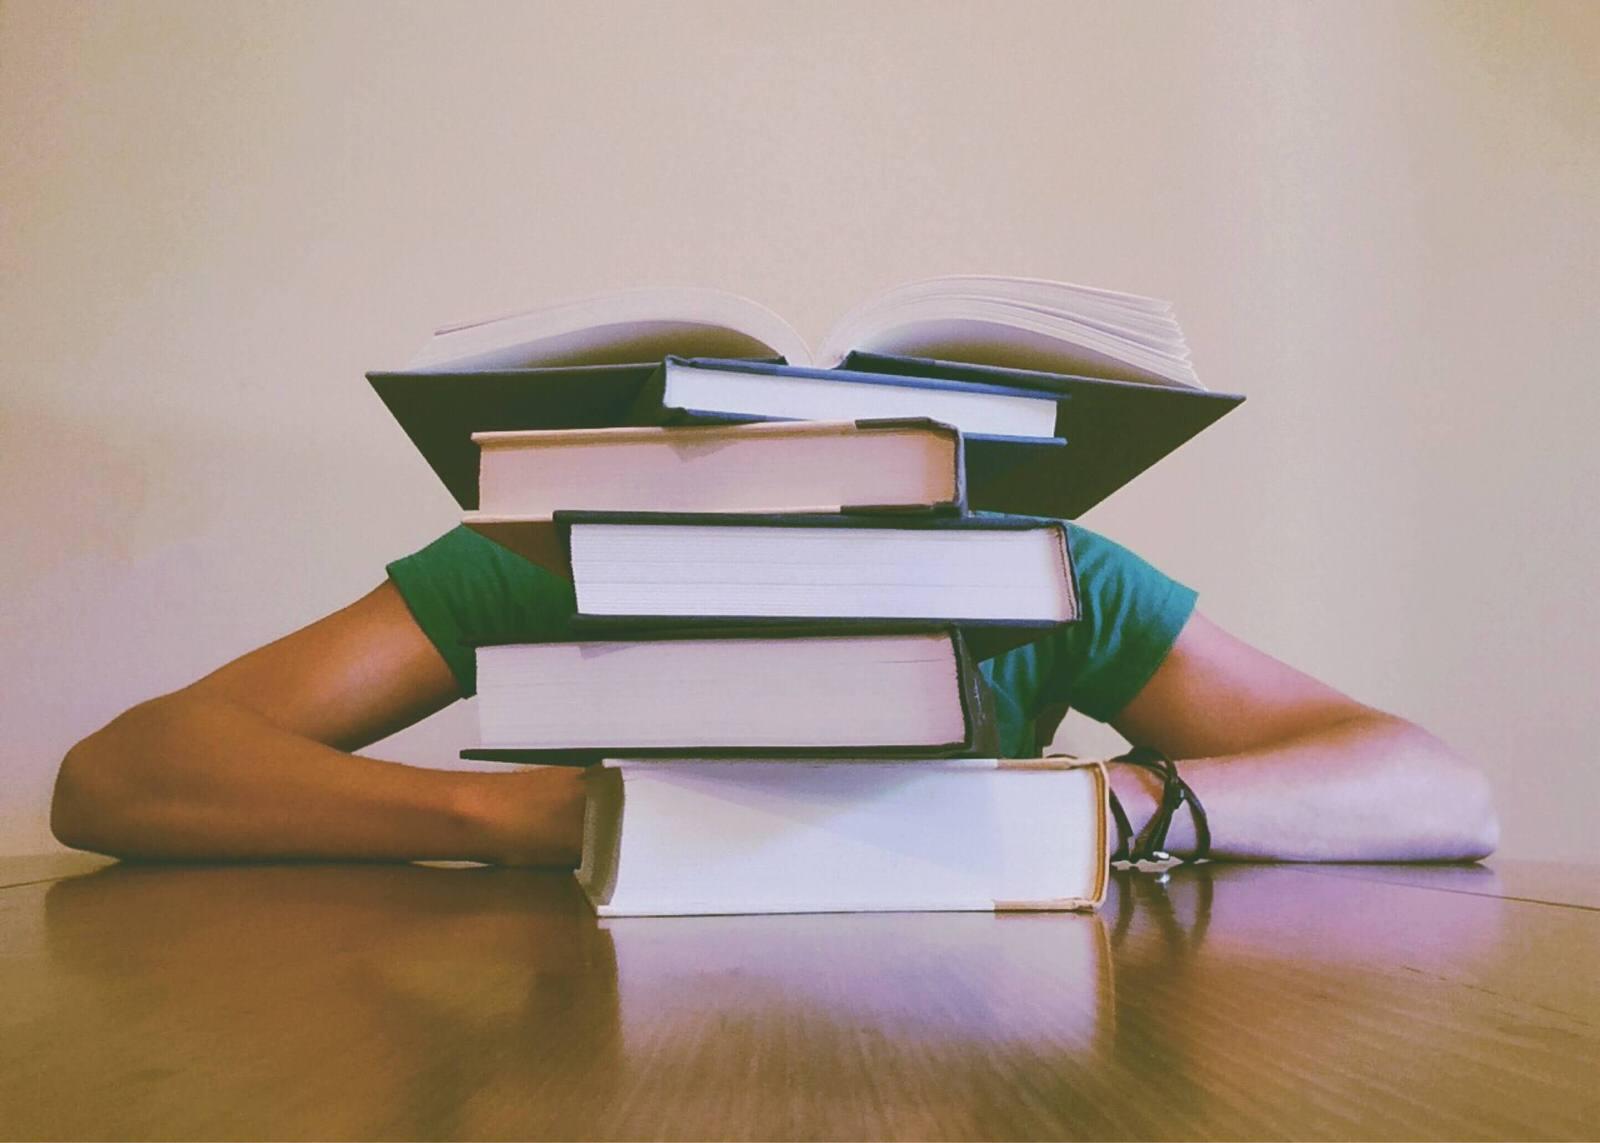 Конкурс для выпускников школ и 10-ти классников 2014 - UniverPL